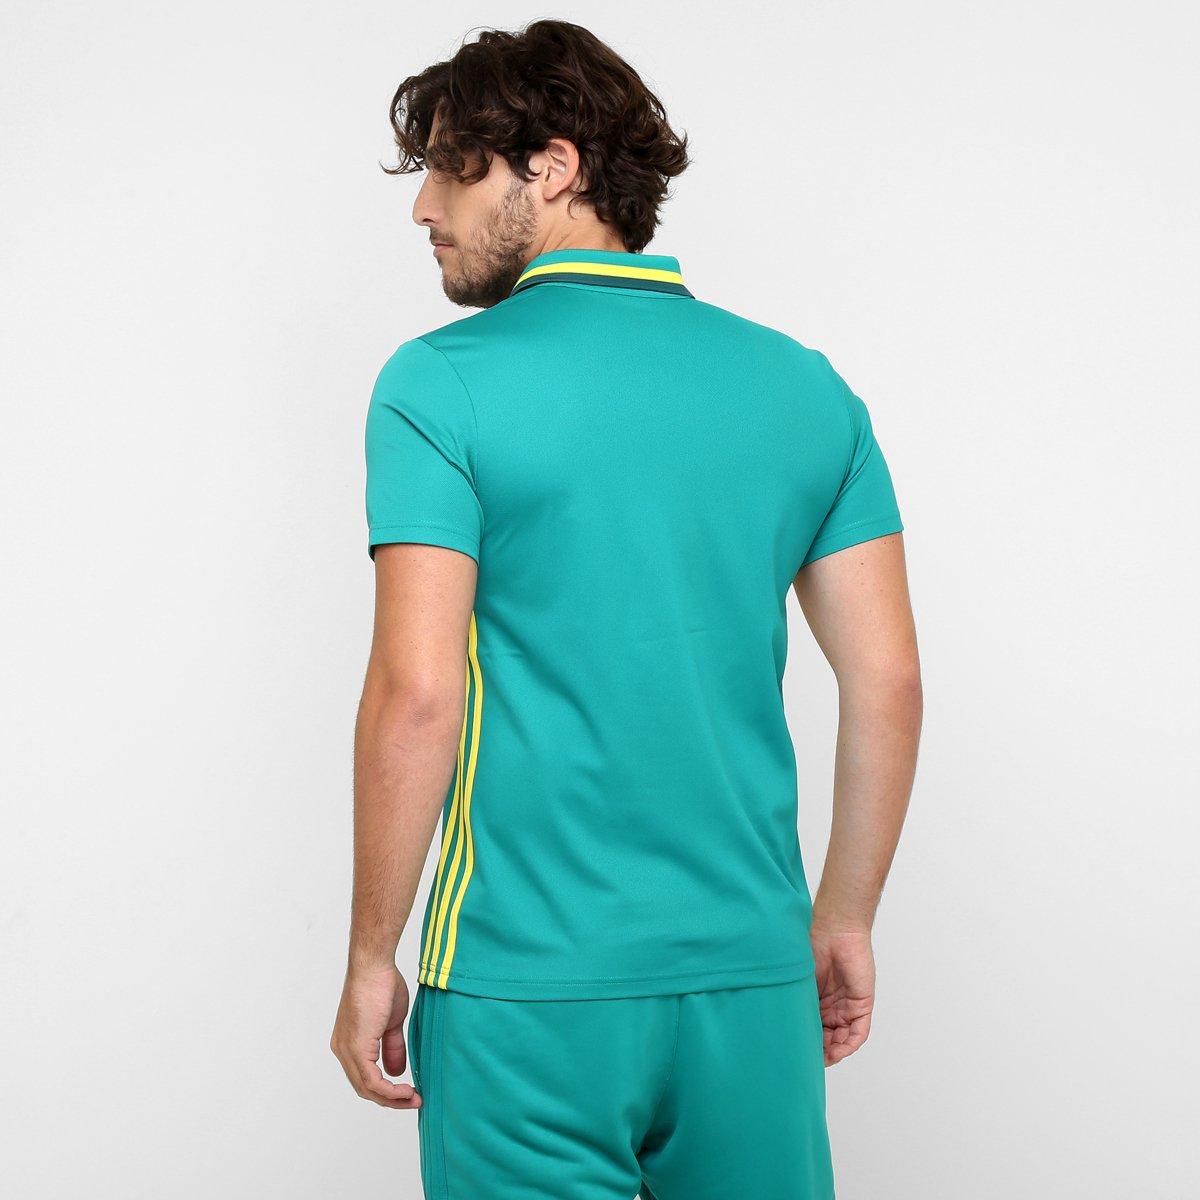 0d8abc0e7d0bbf  Camisa Polo Adidas Palmeiras Viagem Camisa Polo Adidas  Palmeiras Viagem ... 46137b2a3d34f5  Camisas Polo Adidas Masculinas ... c27e0a69d20a1